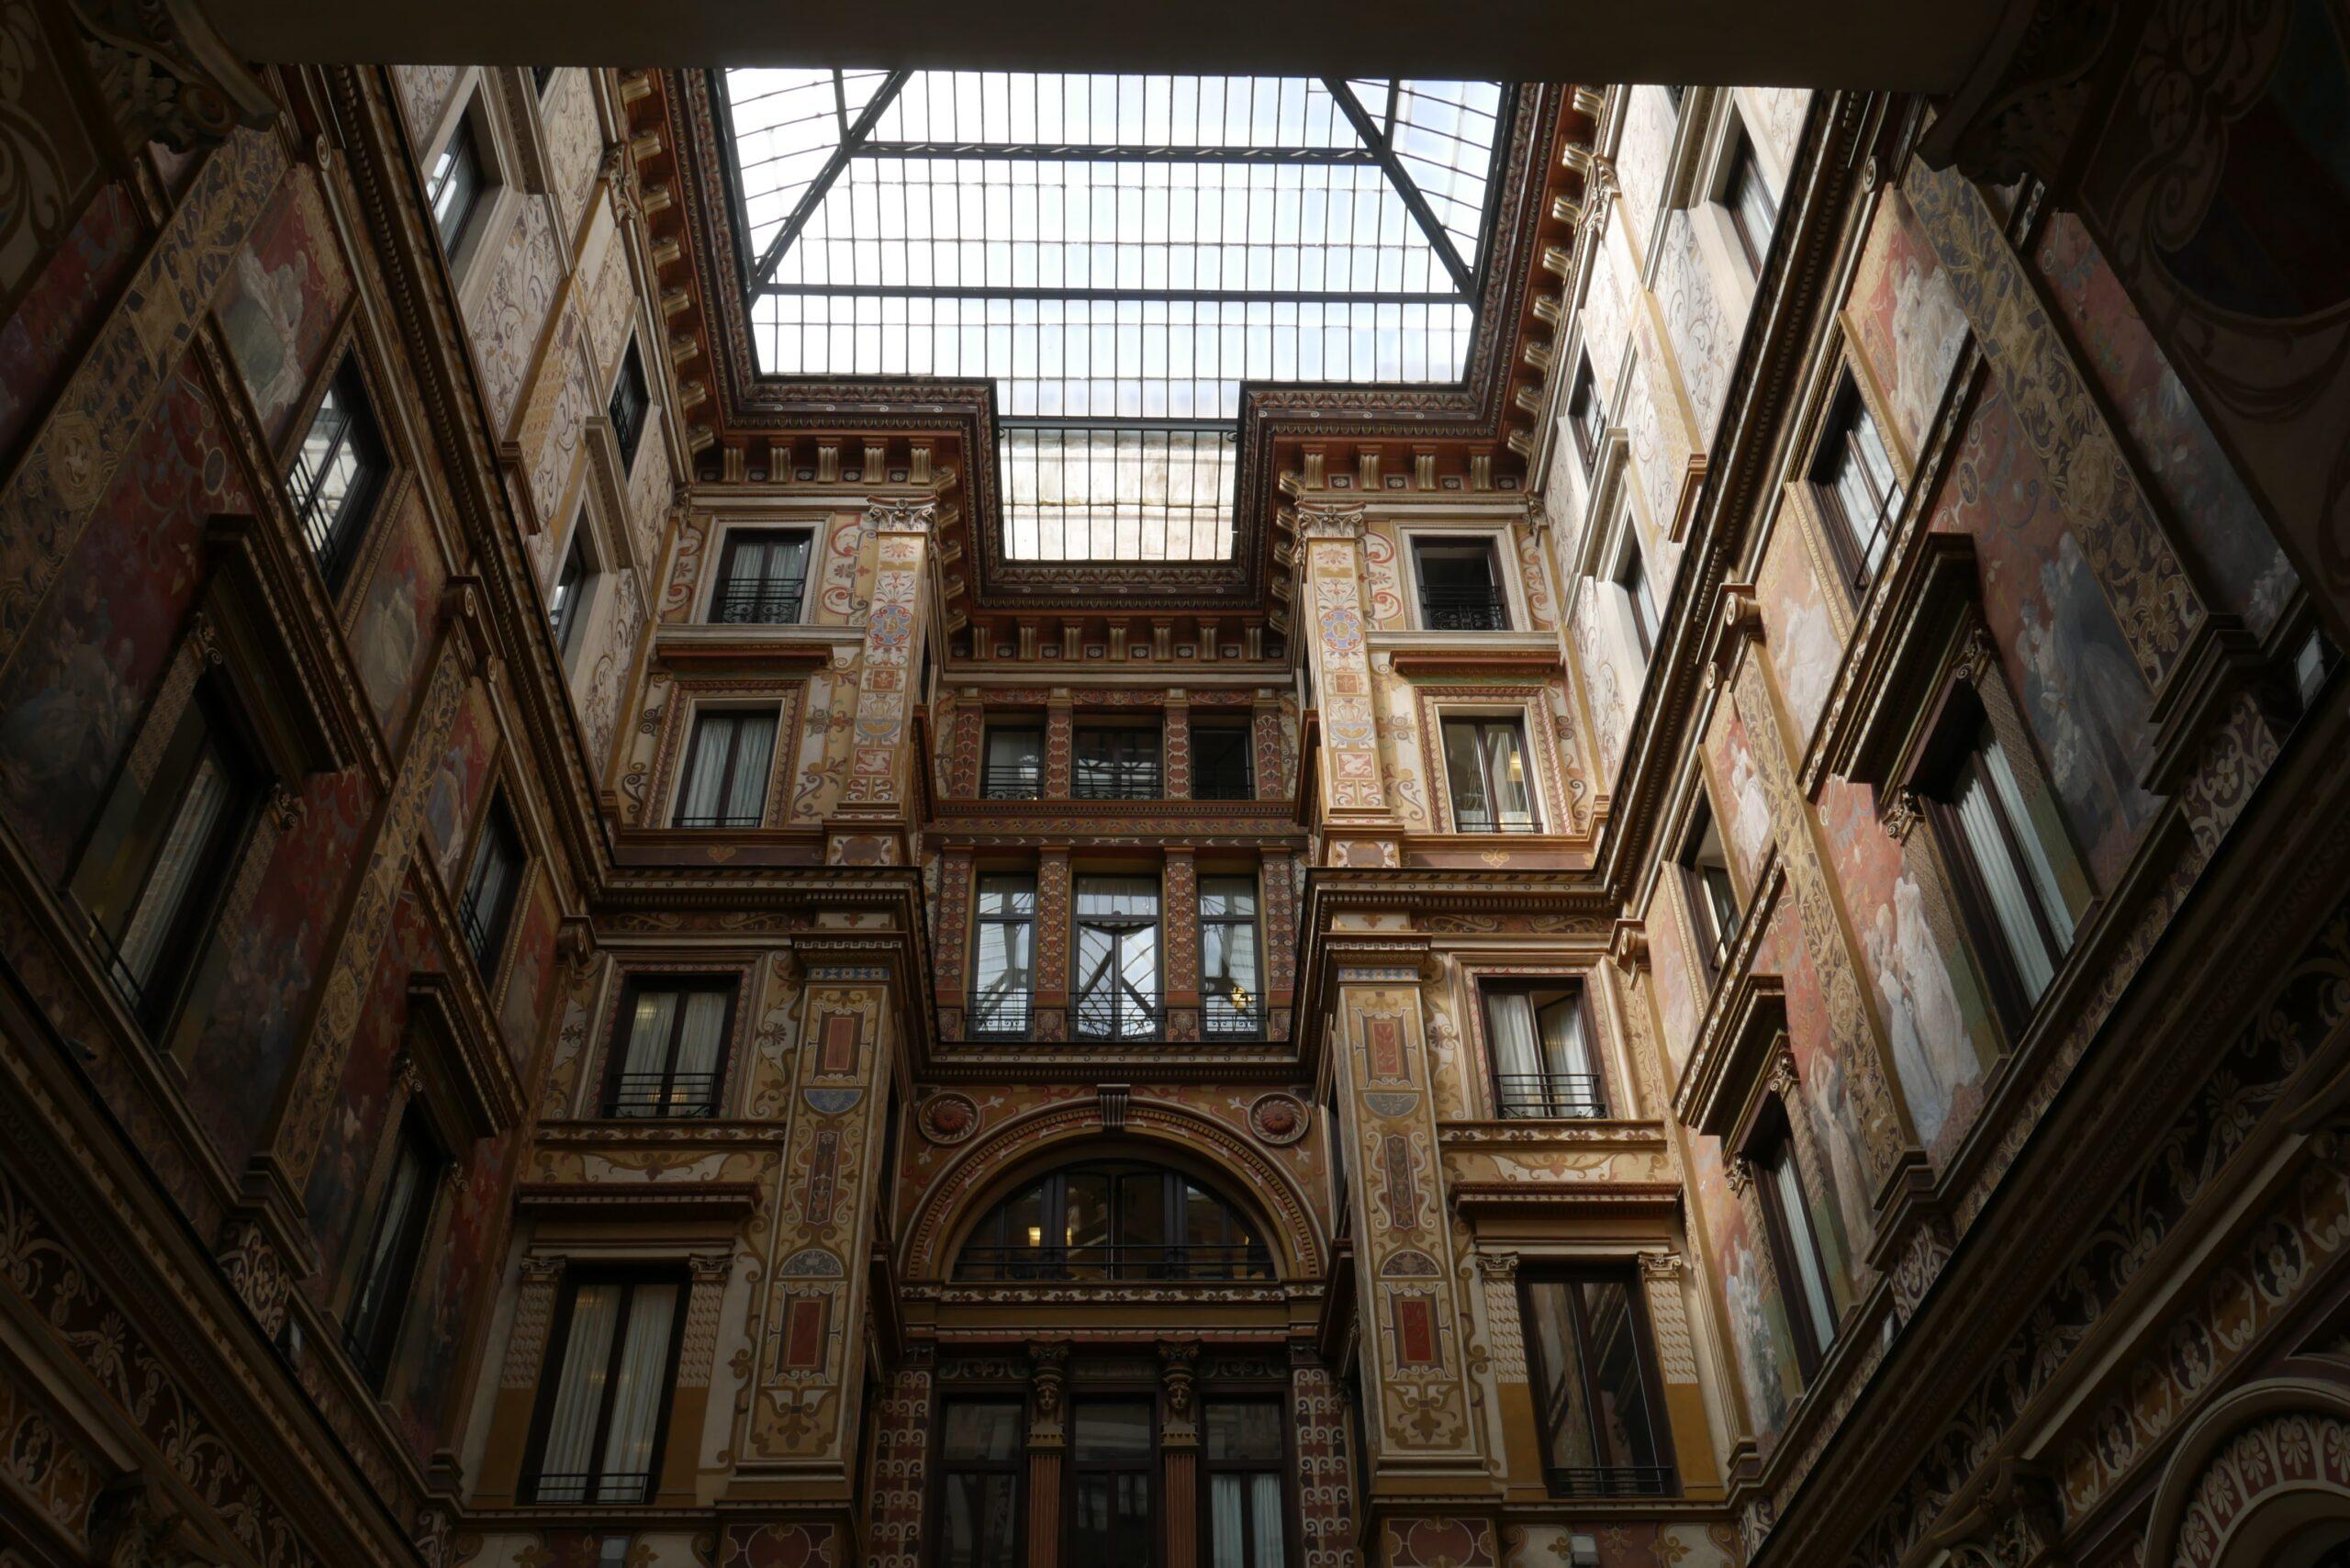 Passeggiata Liberty - Art Club - Associazione culturale - Visite guidate a Roma Esperienze d'Arte - Dicembre 2020